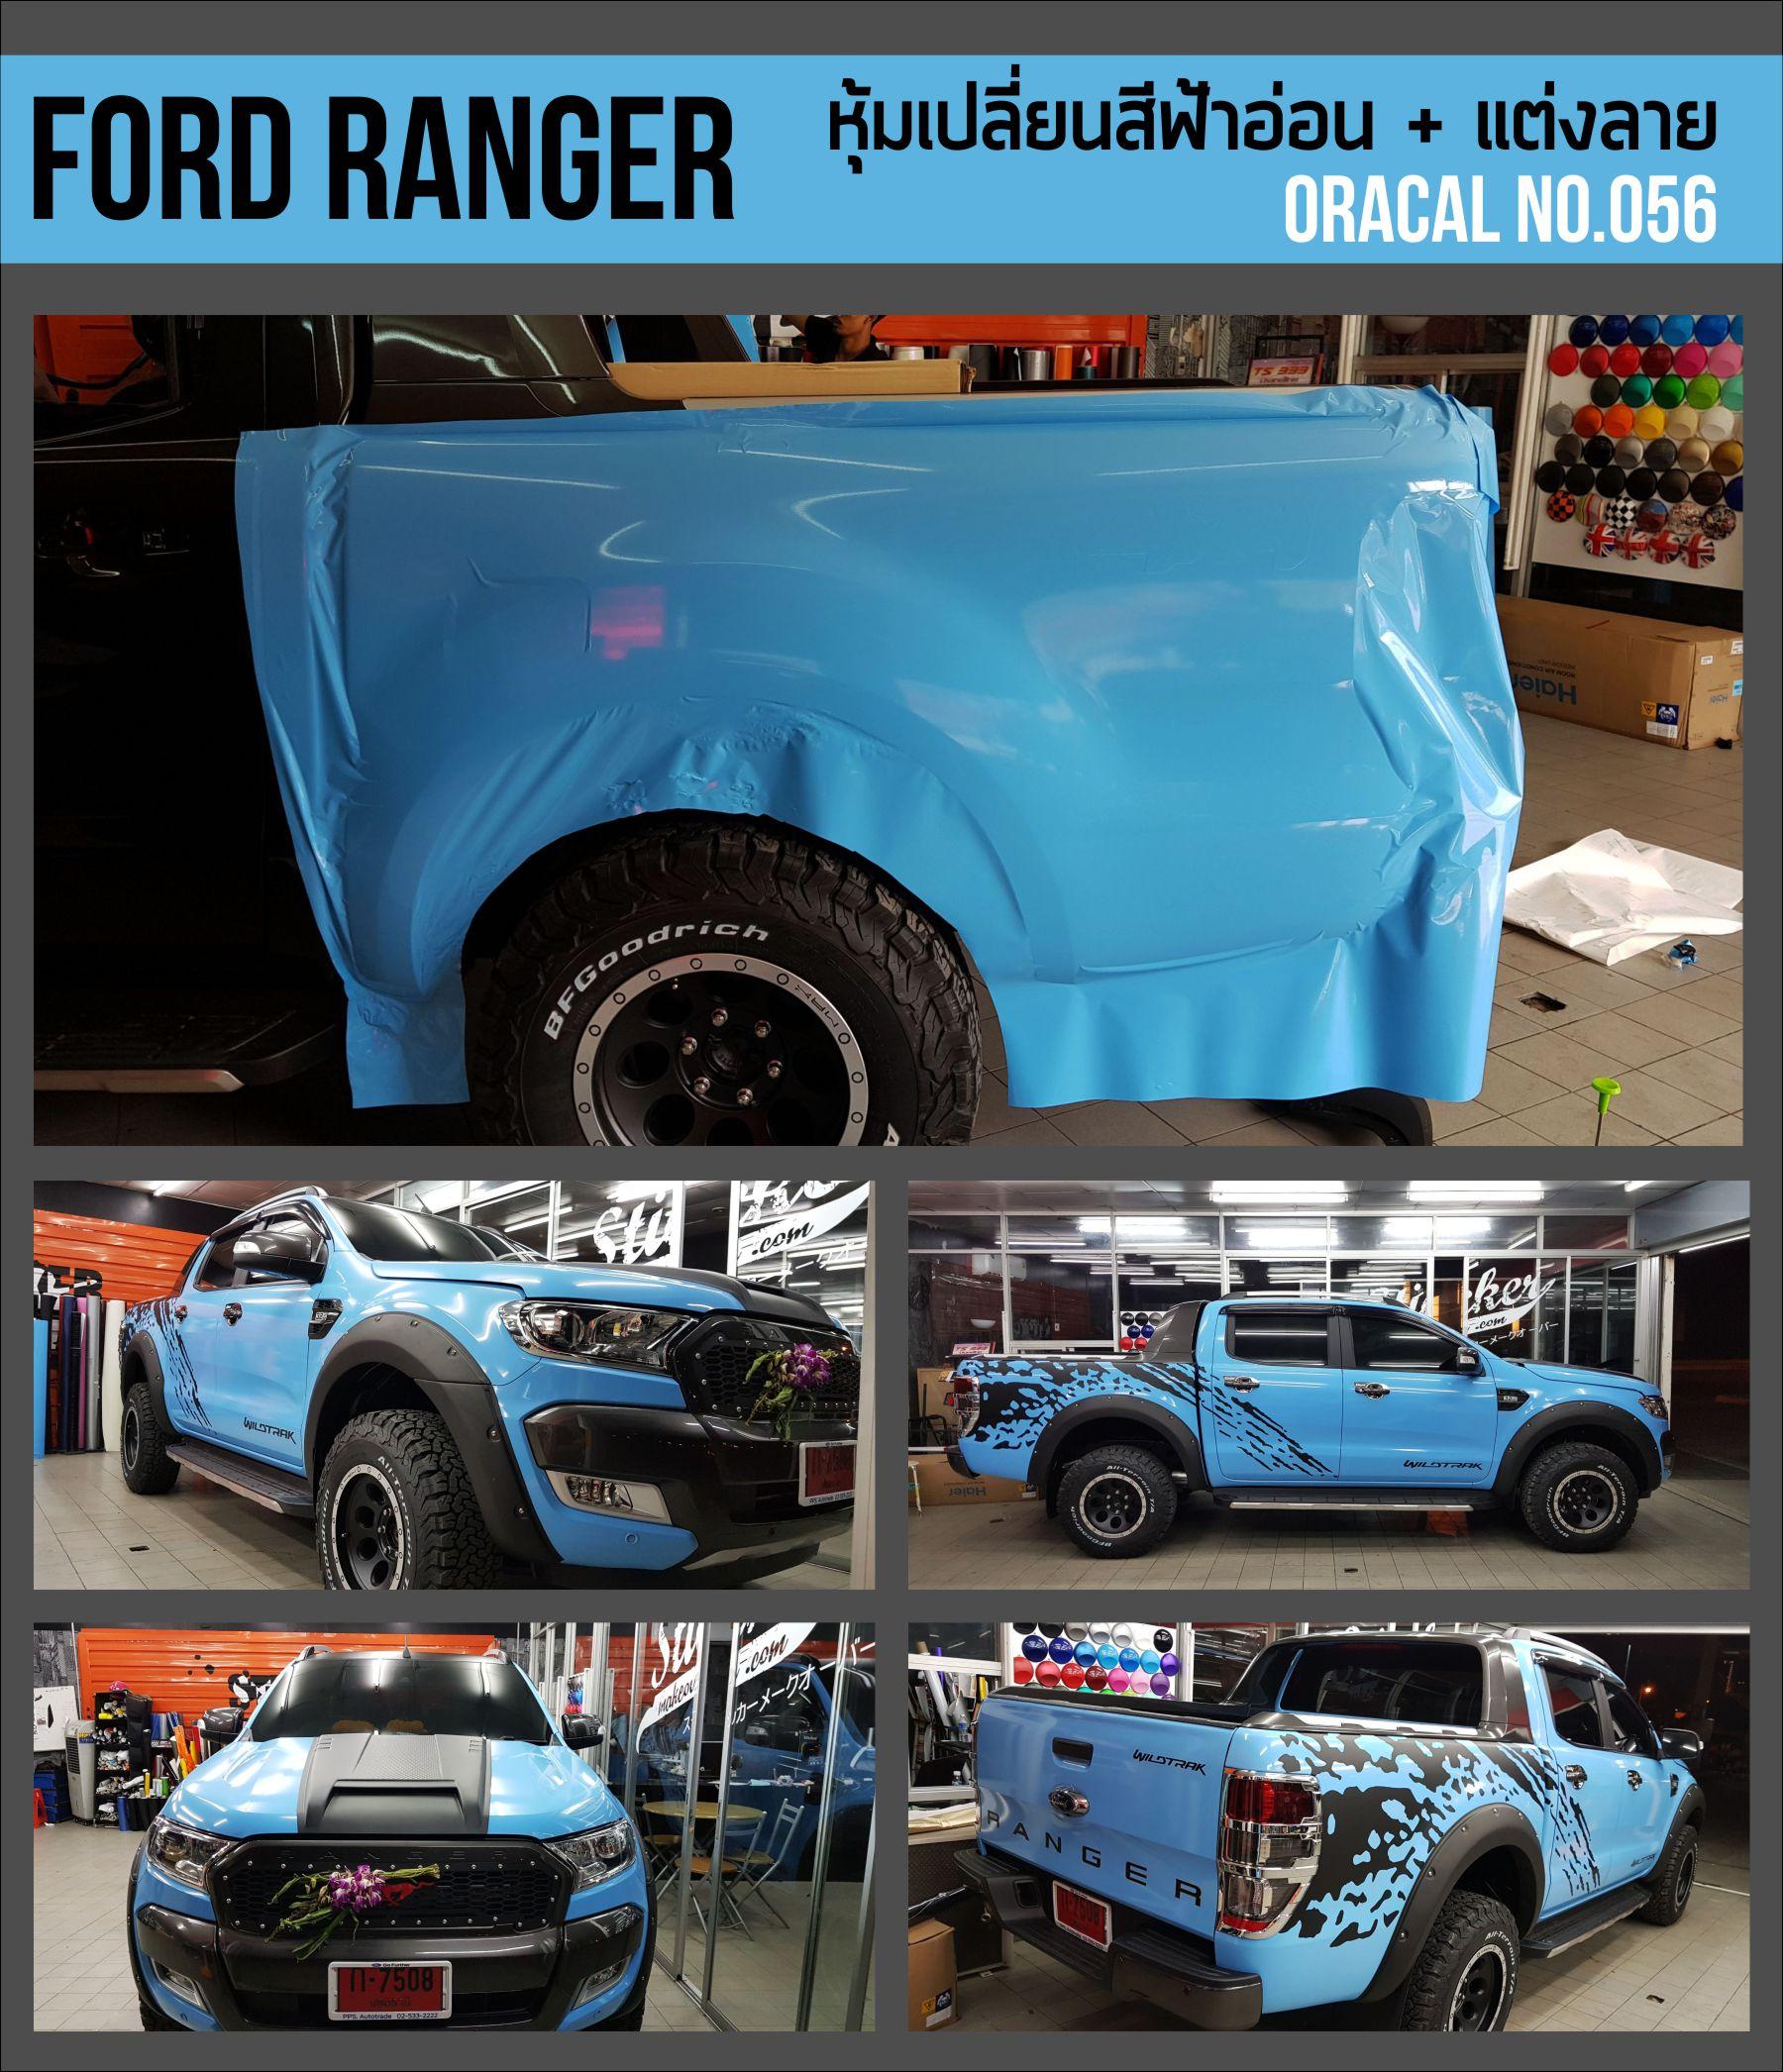 wrap car ฟอร์ดเรนเจอร์สีเหลือง เรนเจอร์เเต่สวย ford rangerเเต่ง หุ้มสติกเกอร์เปลี่ยนสีรถ ทำสีรถด้วยสติกเกอร์ ฟิล์มหุ้มเปลี่ยนสีรถ wrap ford ranger สีเหลือง เปลี่ยนสีรถทั้งคันด้วยสติกเกอร์ wrapเปลี่ยนสีรถ แรพสีรถ